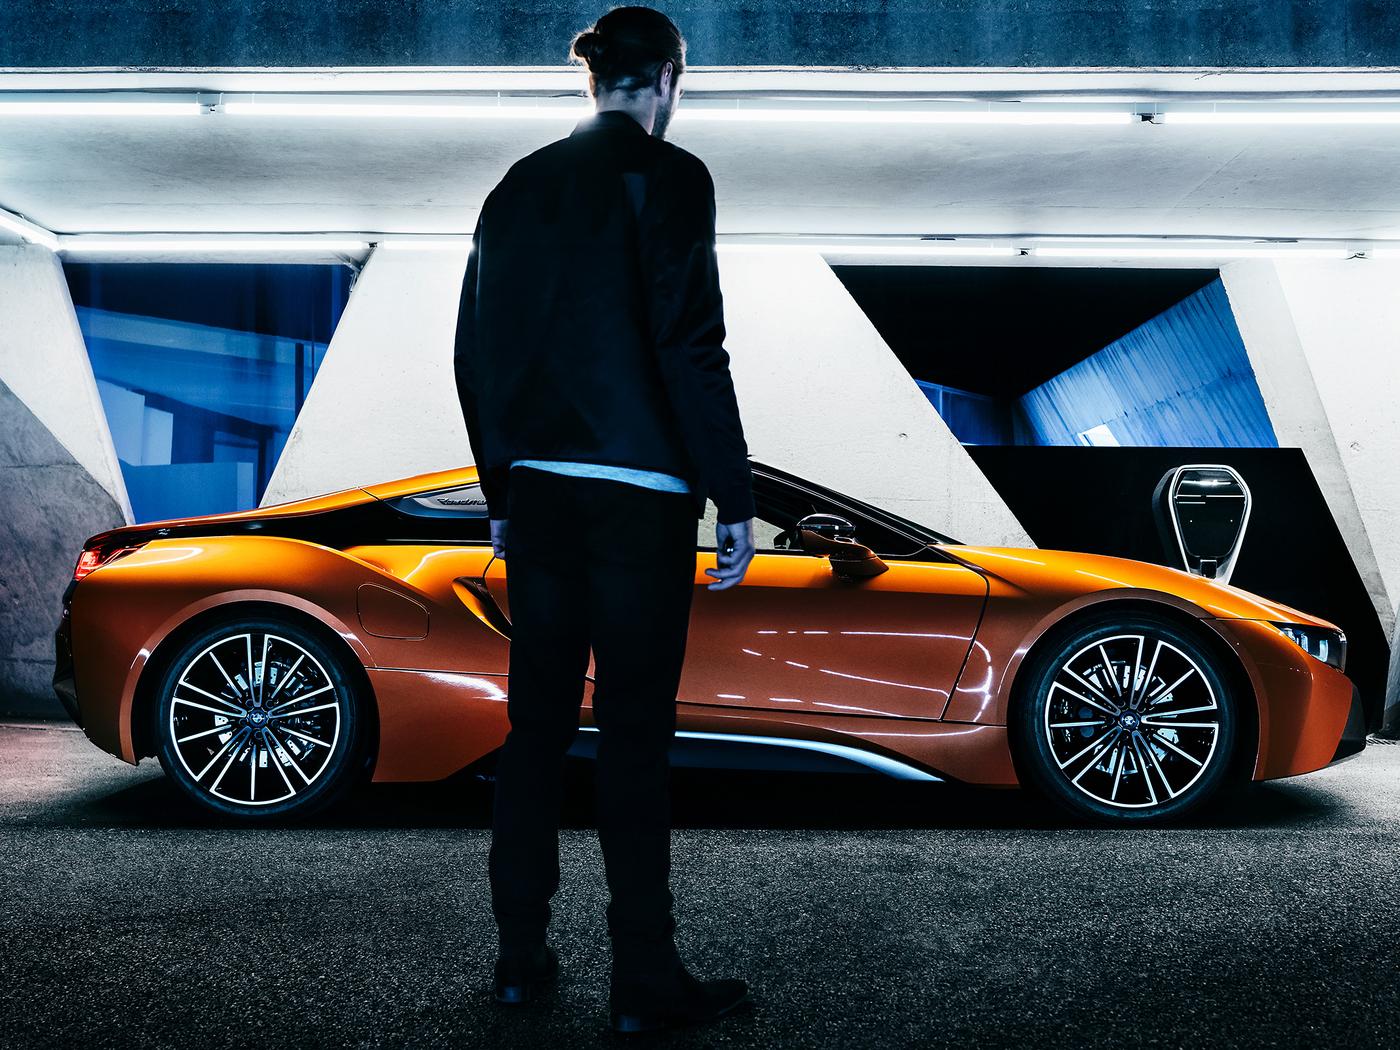 bmw-i8-roadster-car-hg.jpg